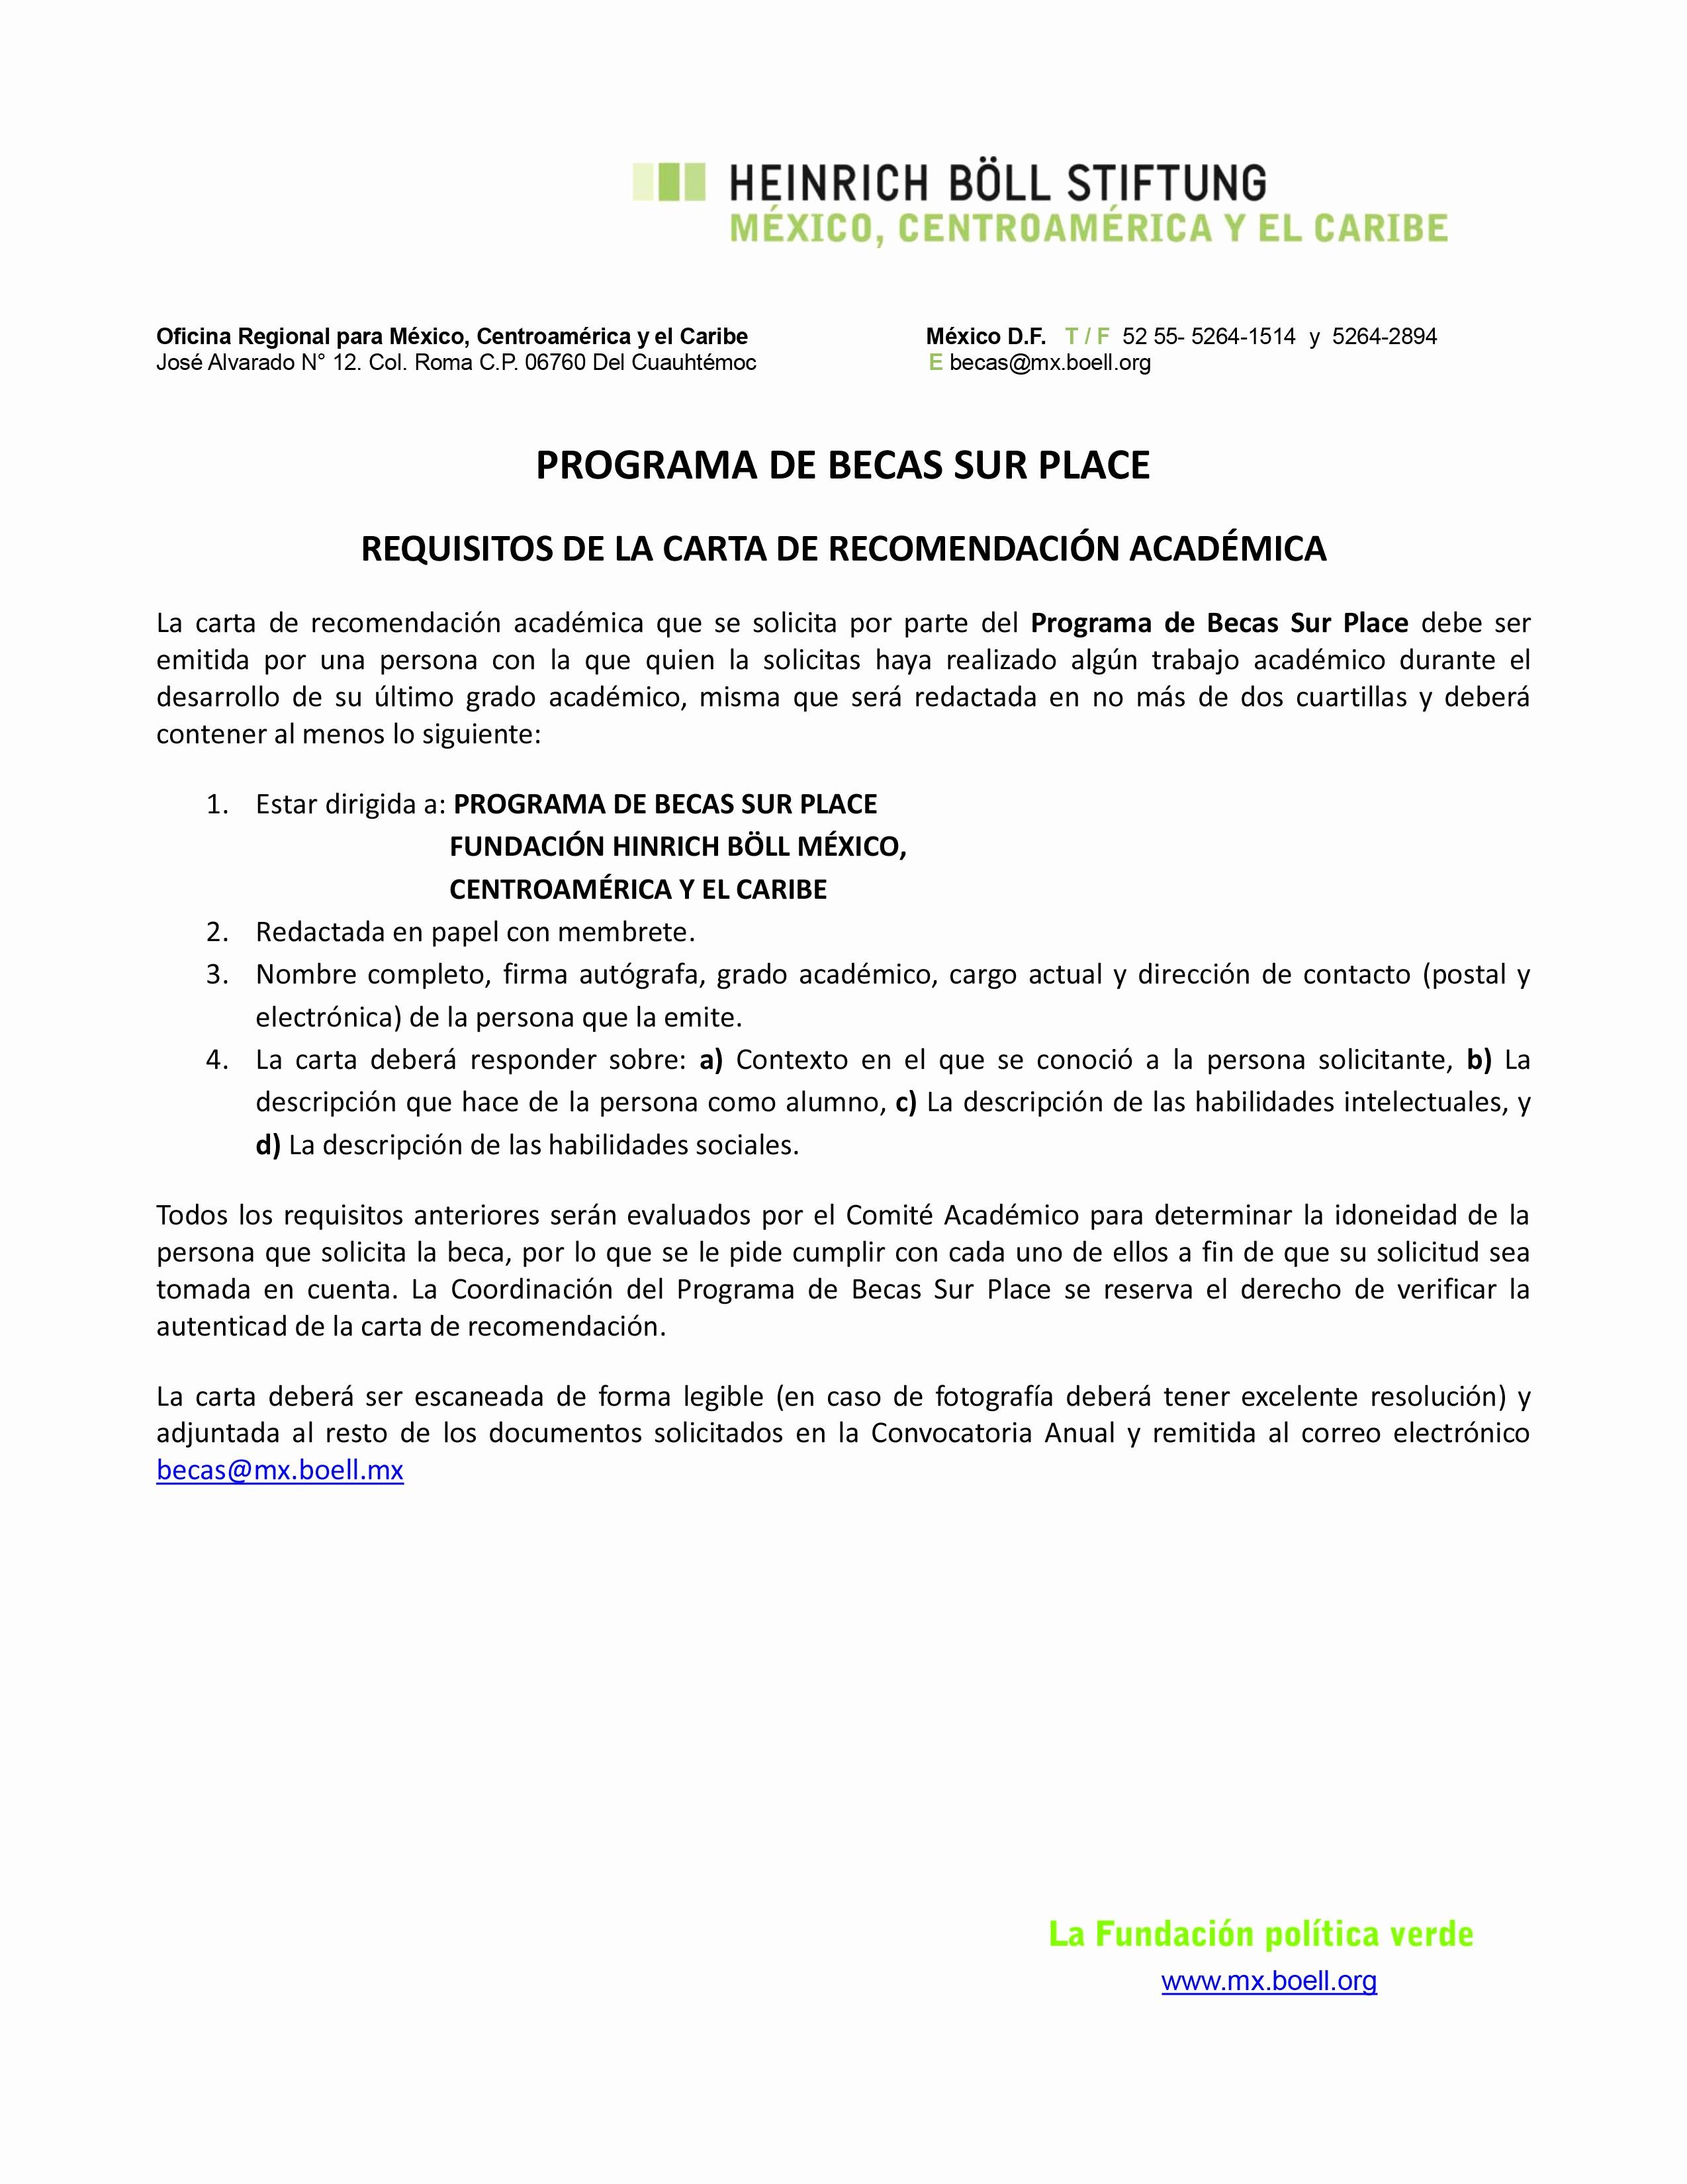 Carta De Recomendacion Para Universidad Beautiful Requisitos Carta De Re Endación Académica